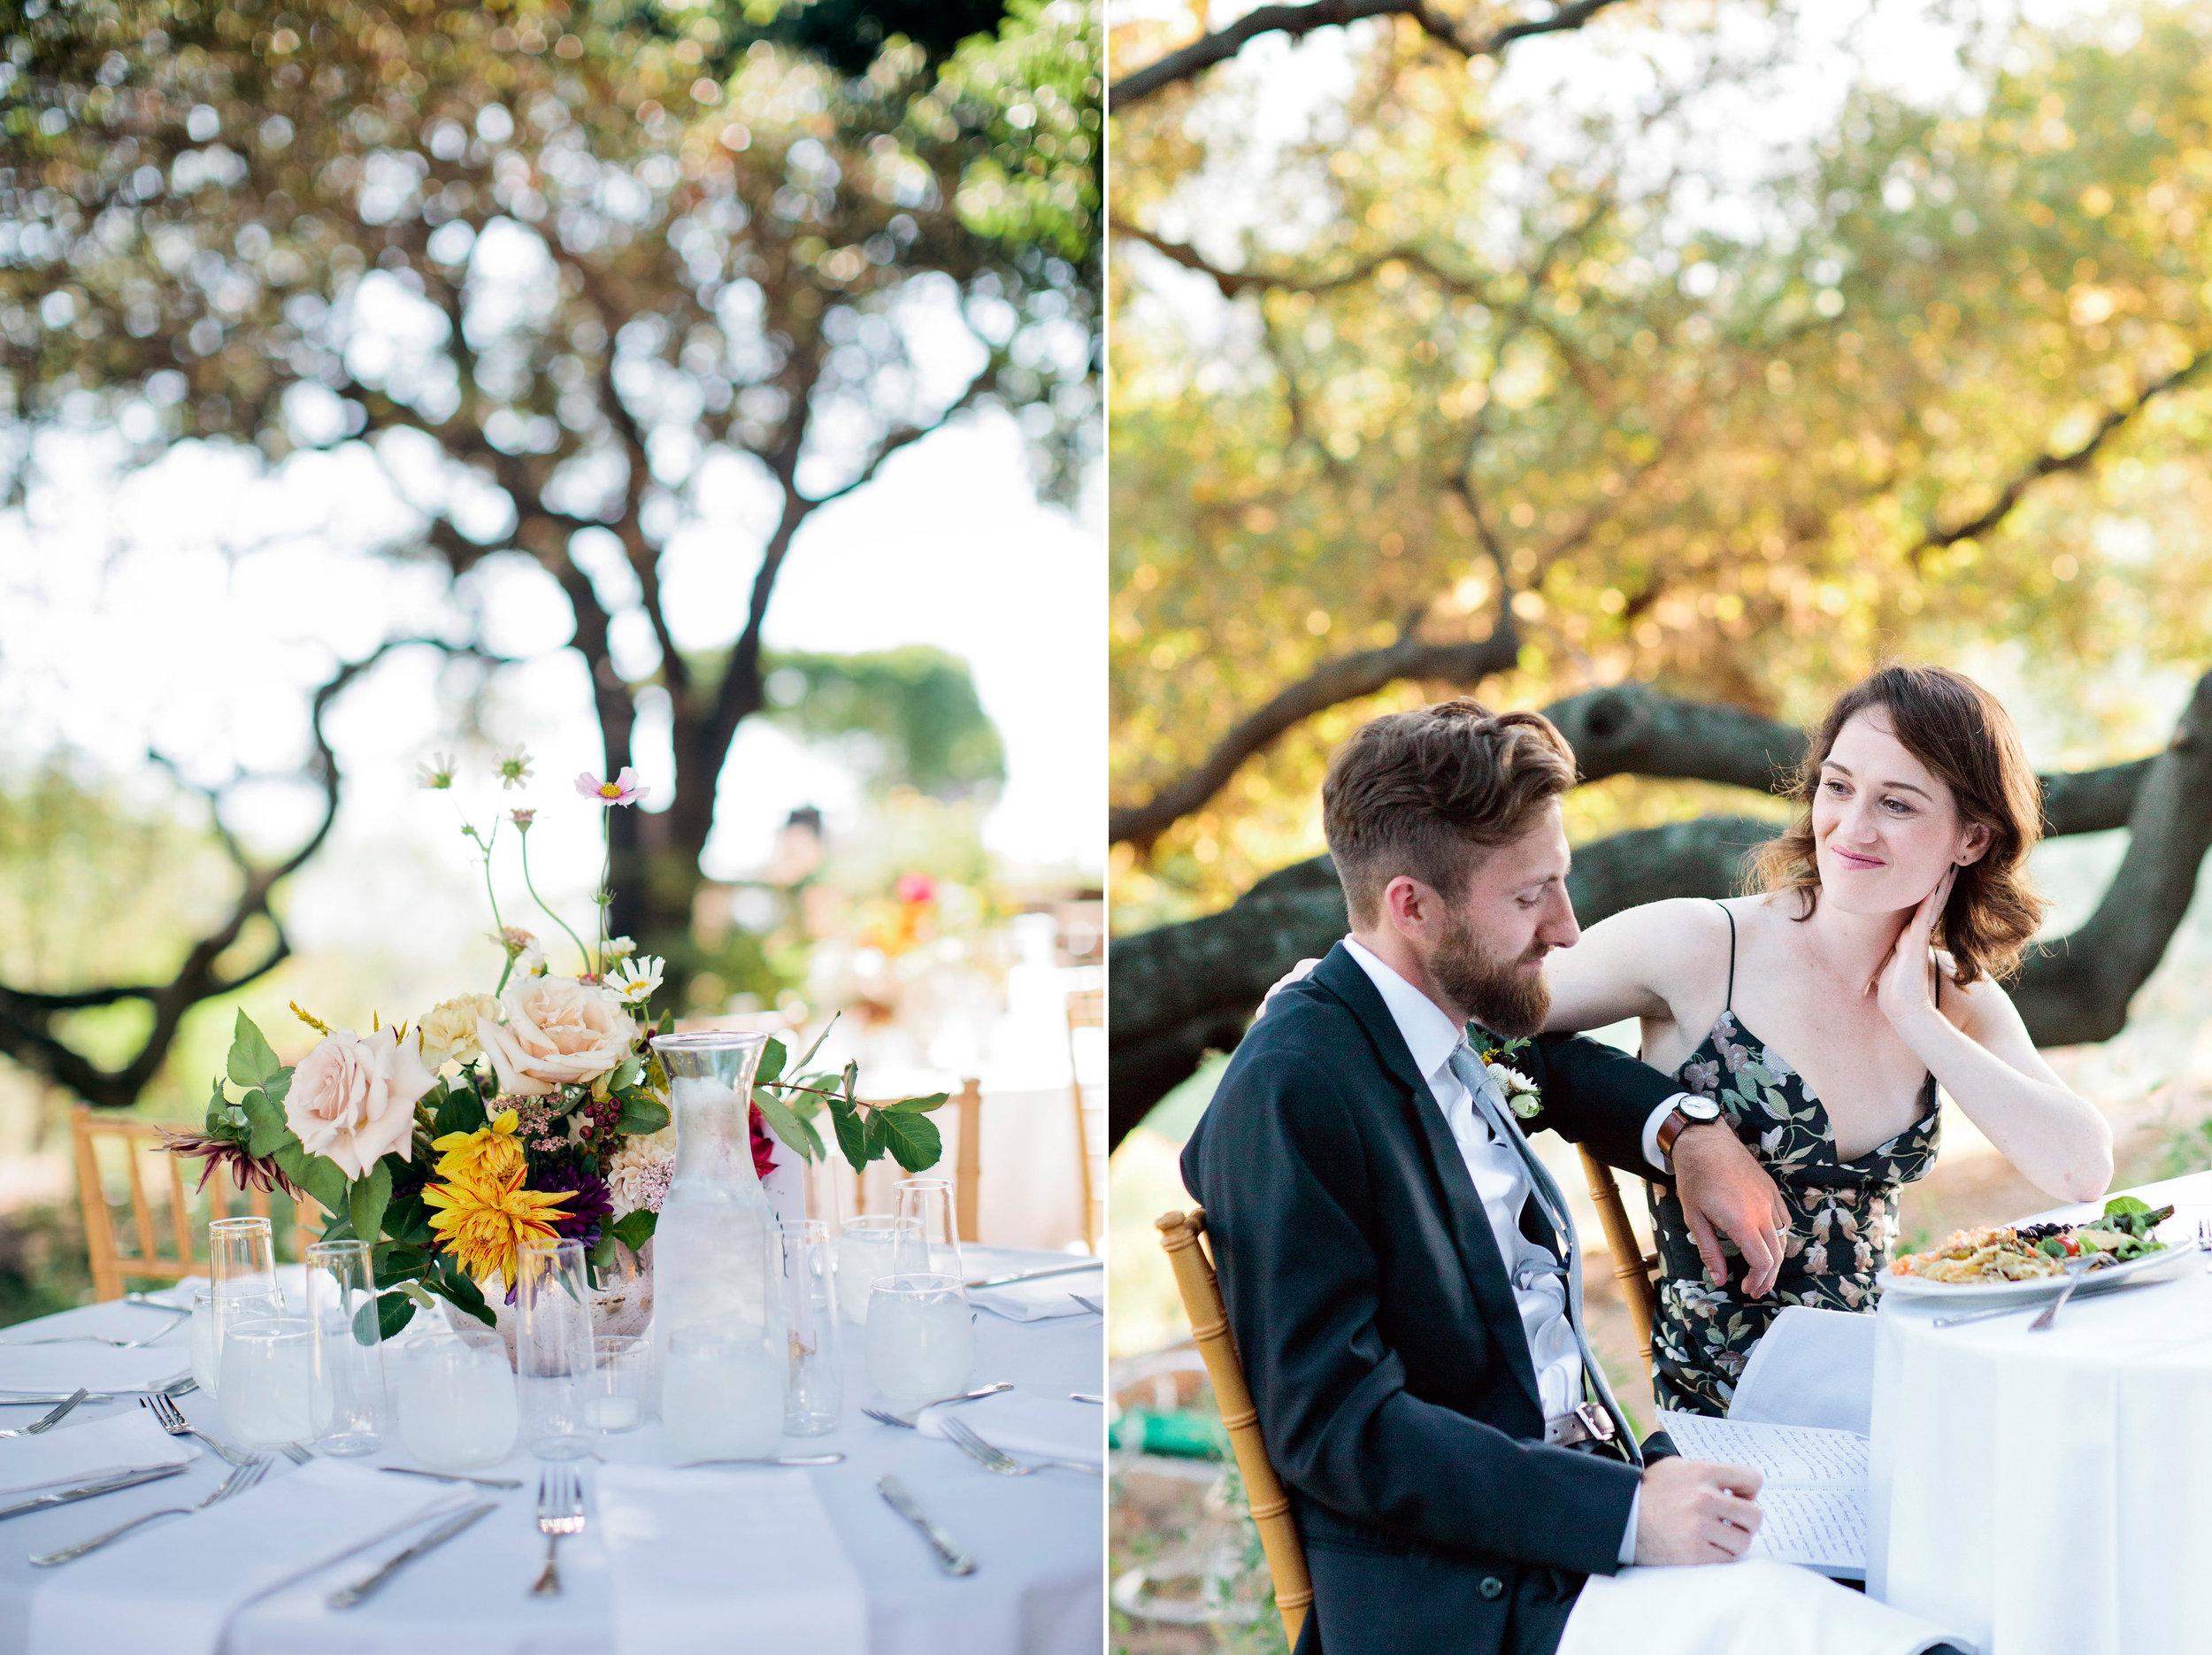 Wedding-Private-Home-South-Bay-45 copy.jpg